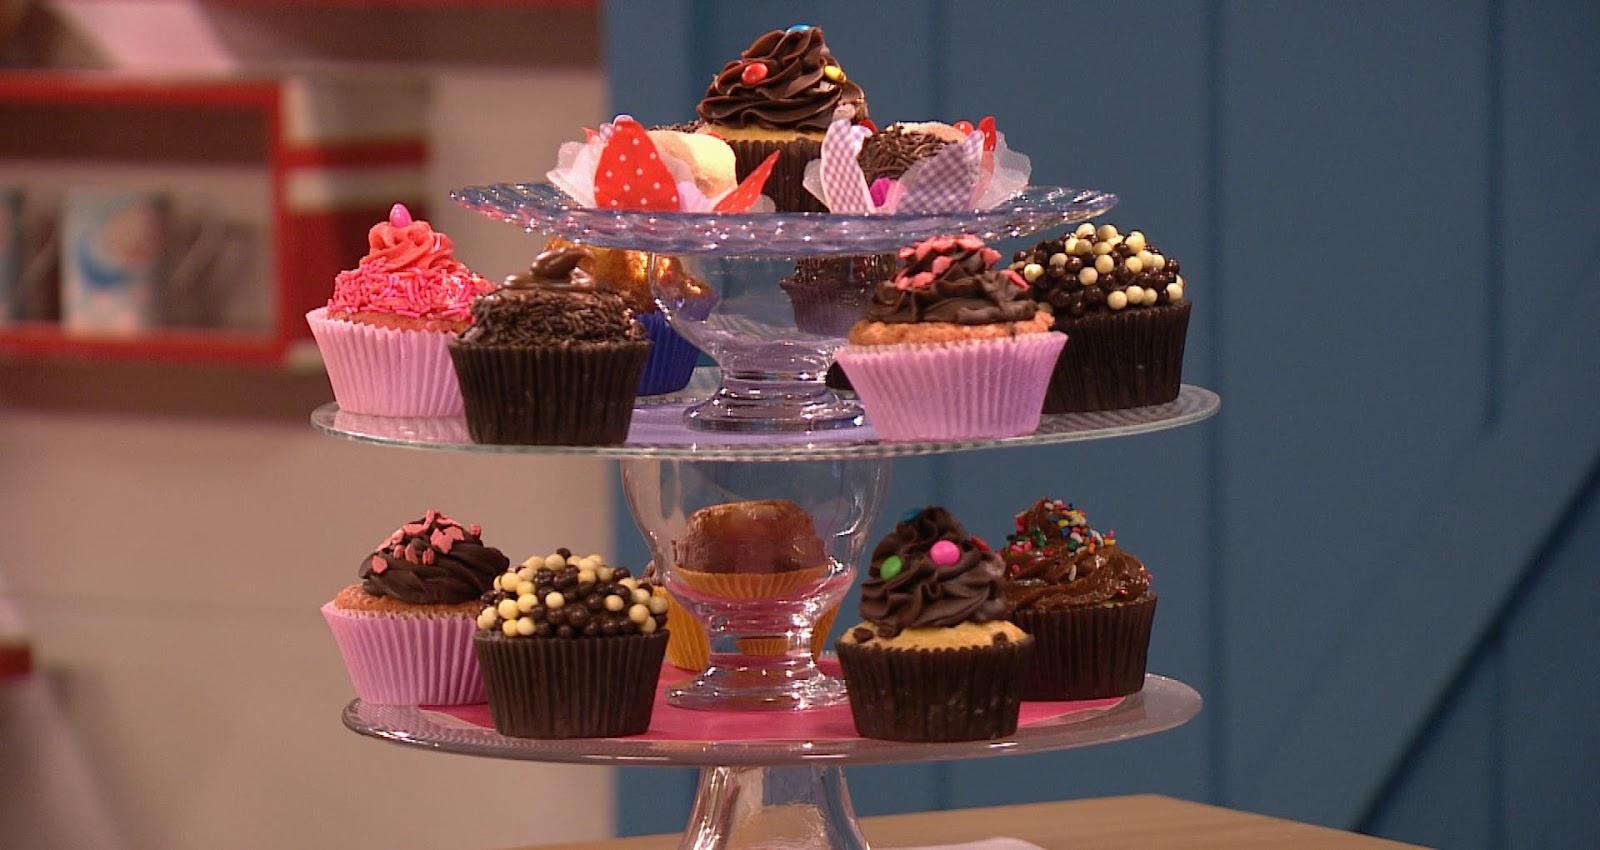 Suporte para Cupcakes e Doces Faça você mesmo #A82423 1600x850